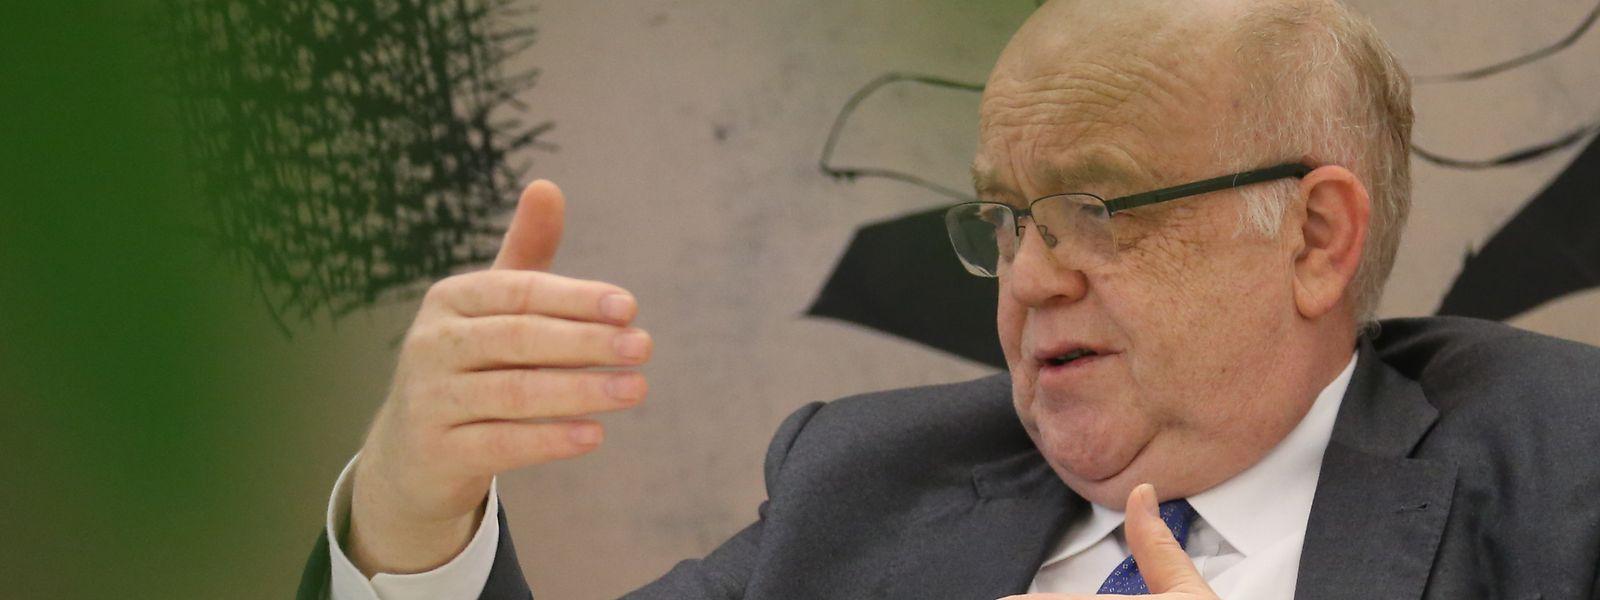 Gaston Reinesch a proposé que la BCL mène une étude du modèle macroéconomique qui permettra de mettre en relief les déterminants de la croissance.